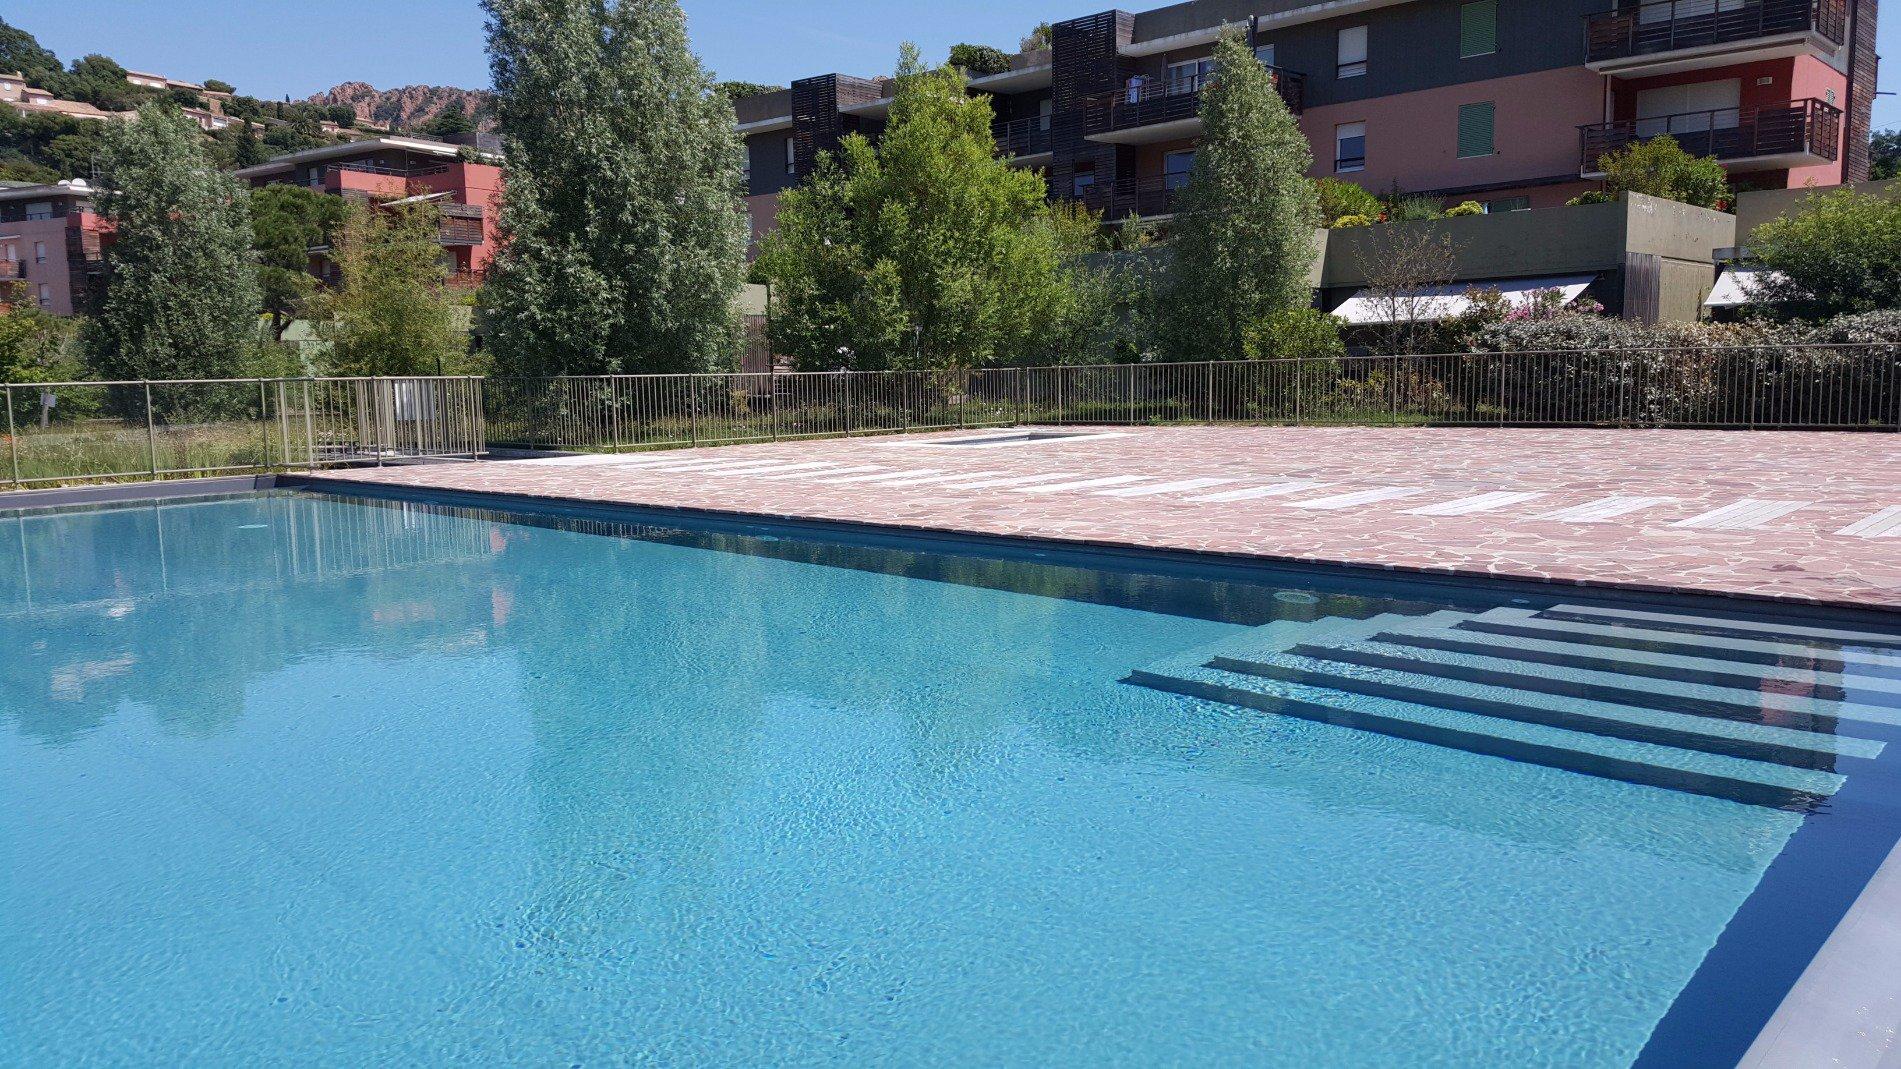 La piscine de la résidence Rive Nature